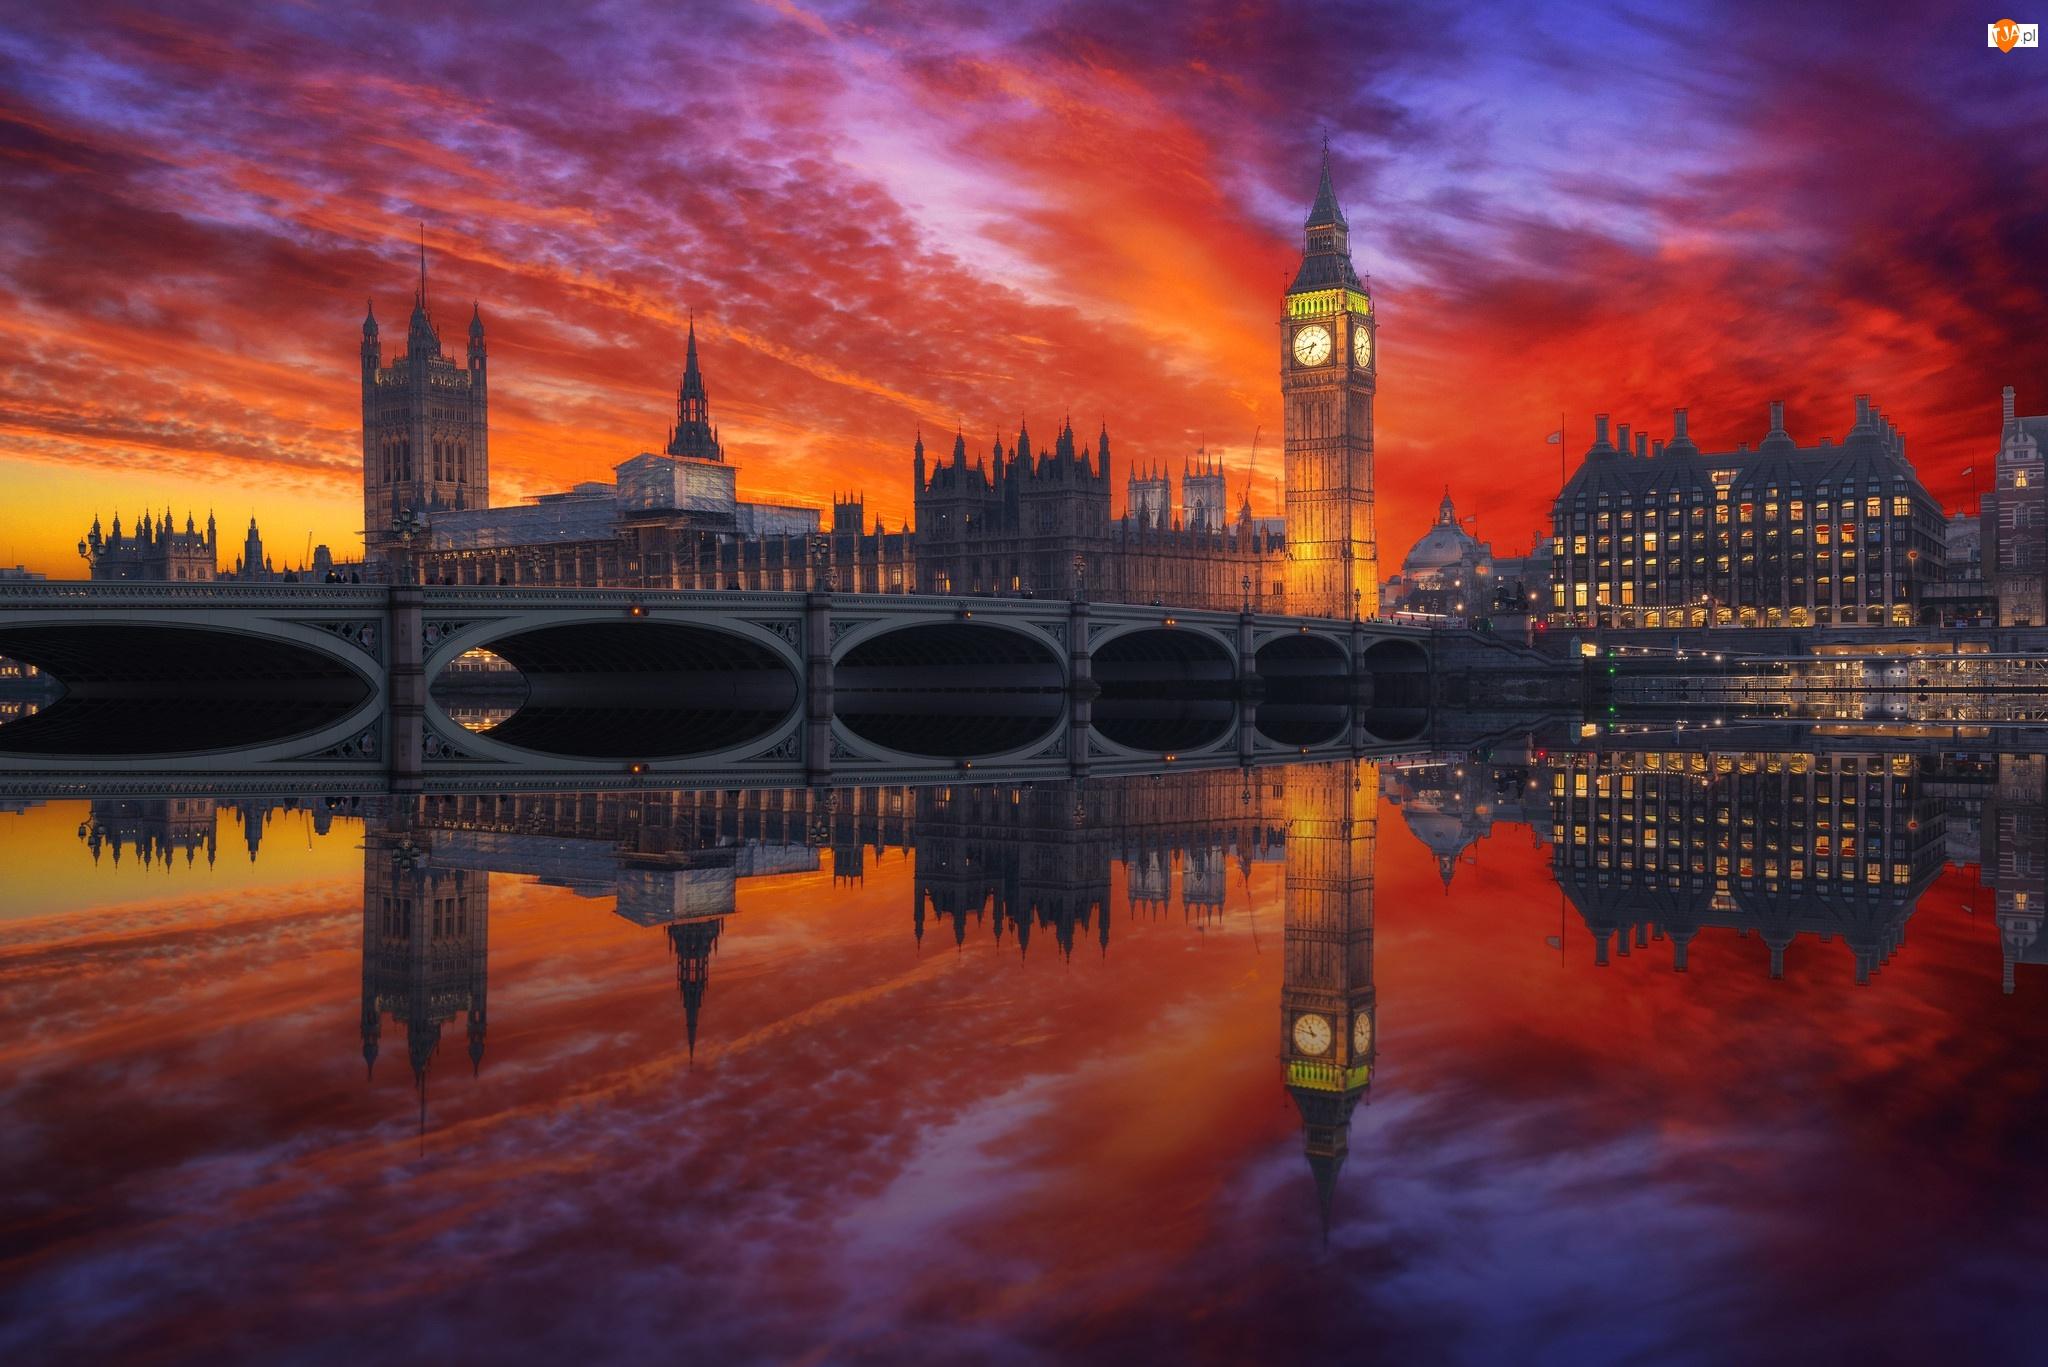 Big Ben, Wielka Brytania, Most, Zachód słońca, Anglia, Westminster, Rzeka Tamiza, Londyn